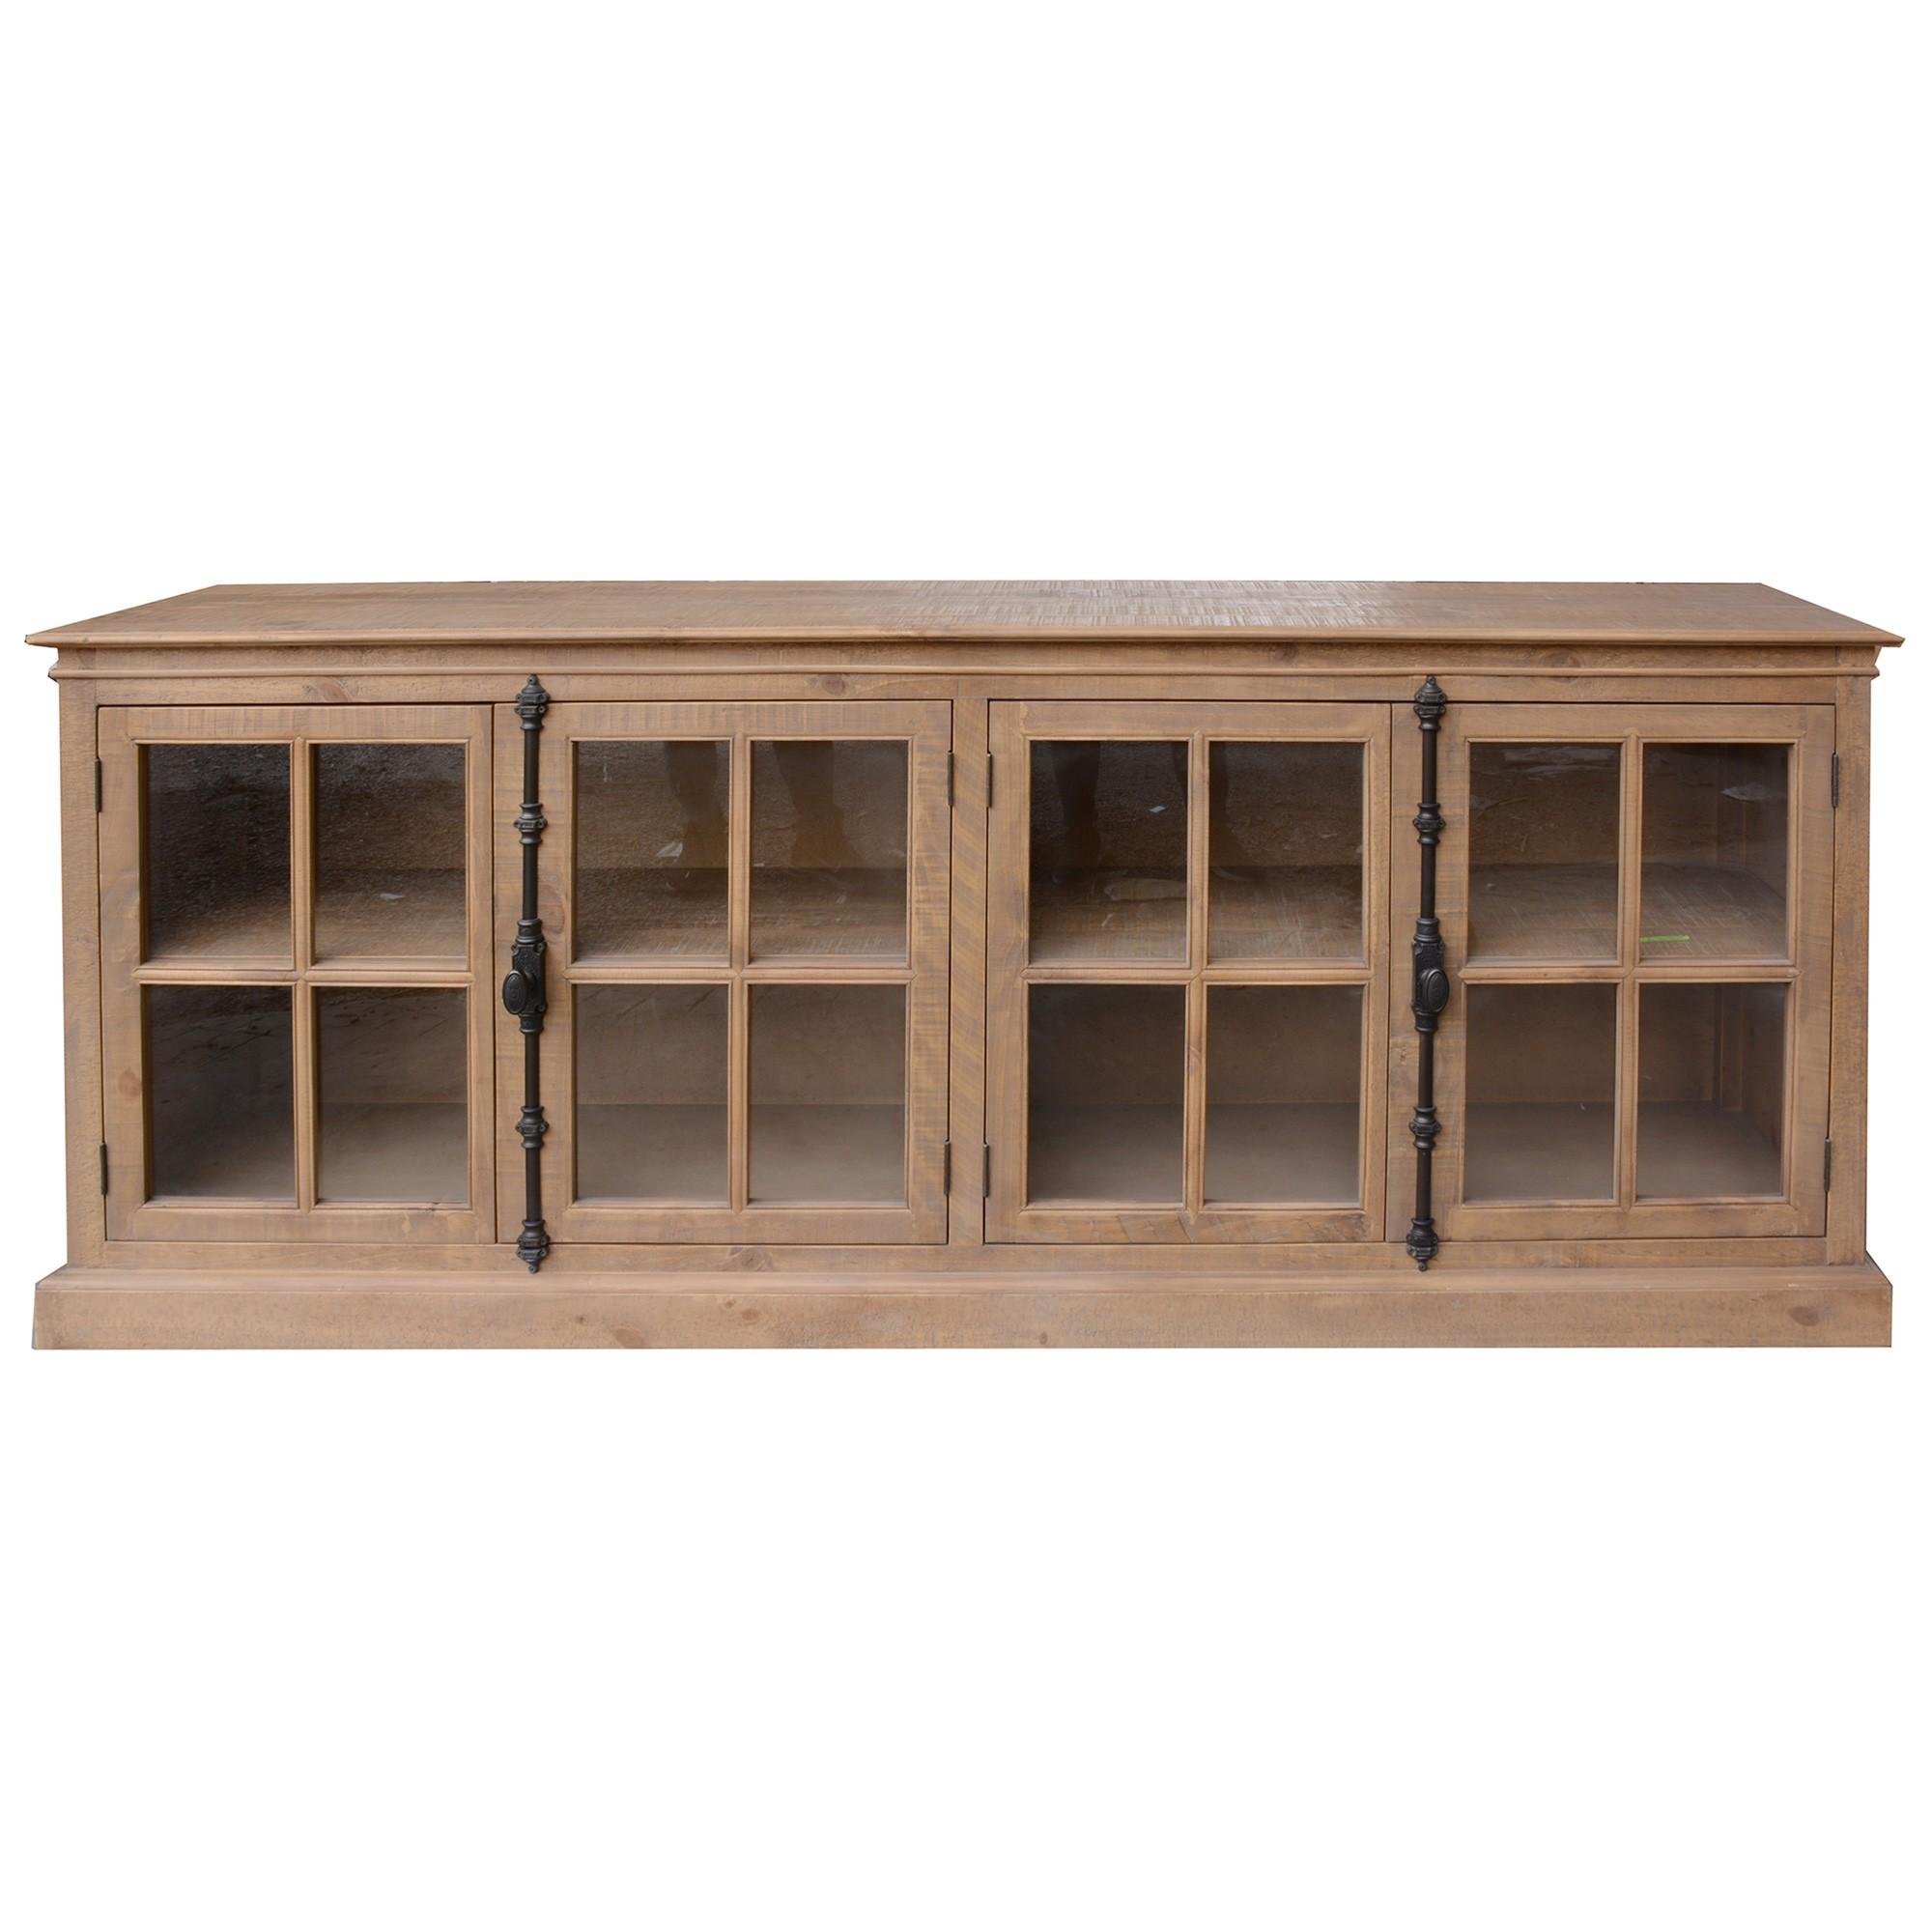 Cognac Pine Timber 4 Door Buffet Table, 220cm